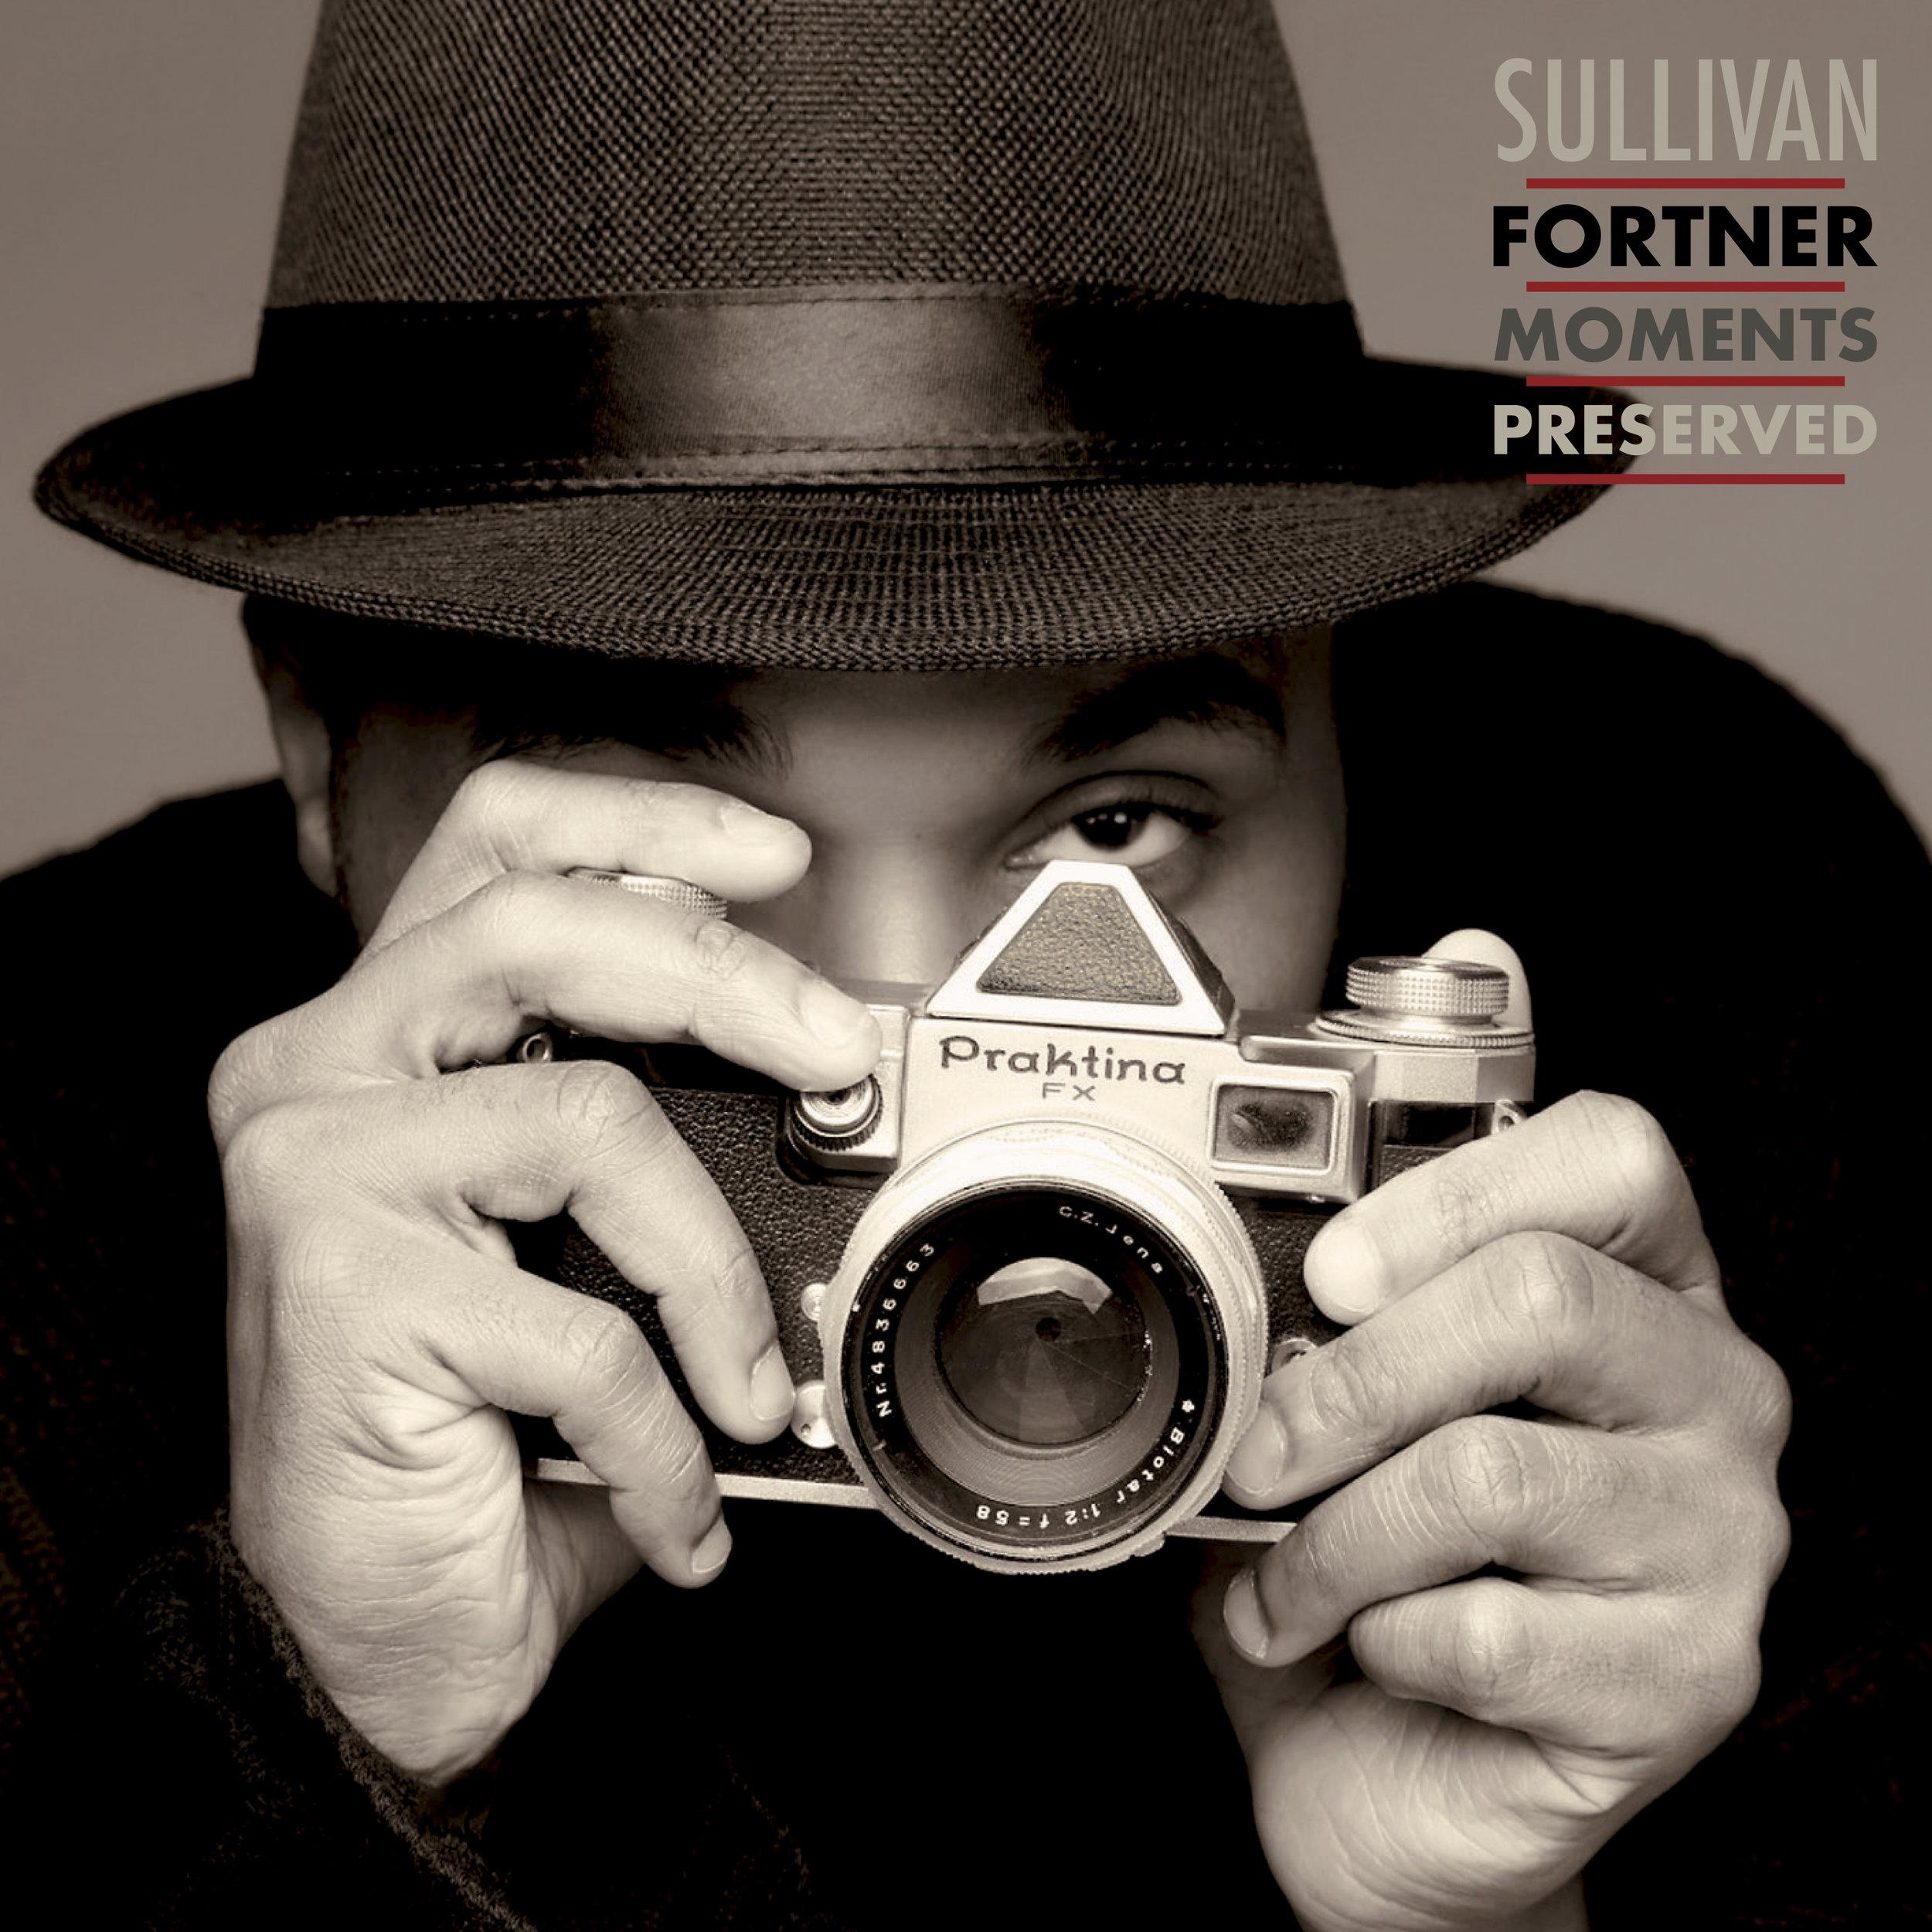 Sullivan Fortner - Moments Preserved cover.jpg